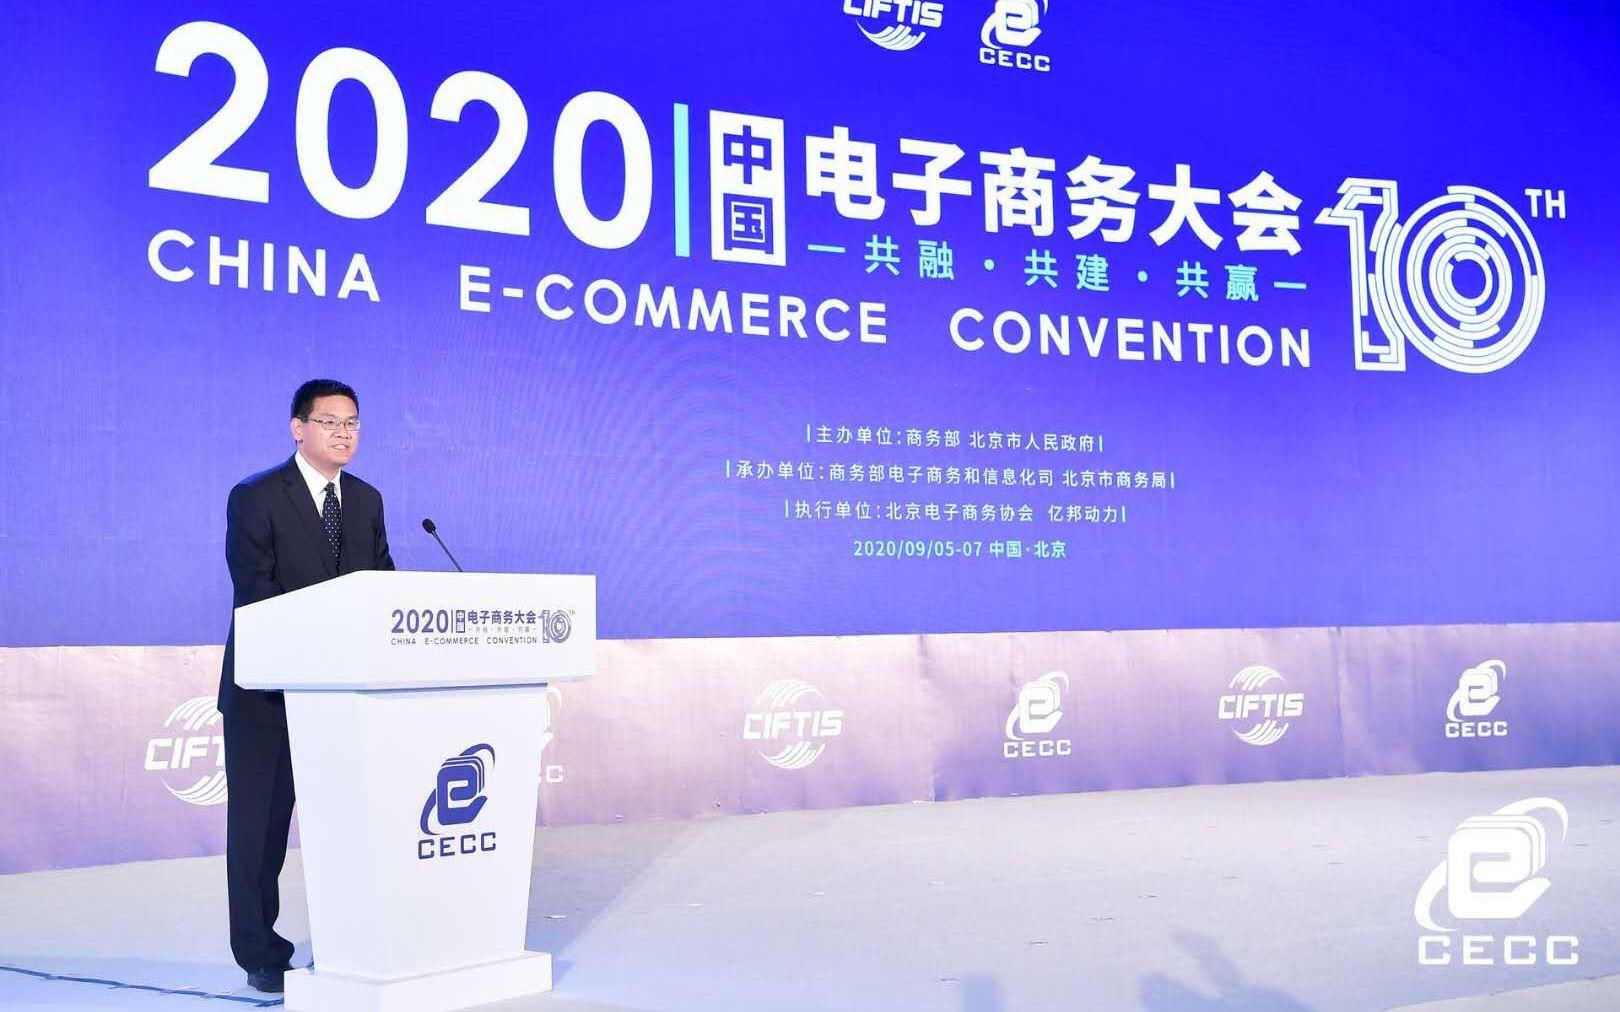 北京市副市长杨晋柏:北京网络零售额近10年增超28倍